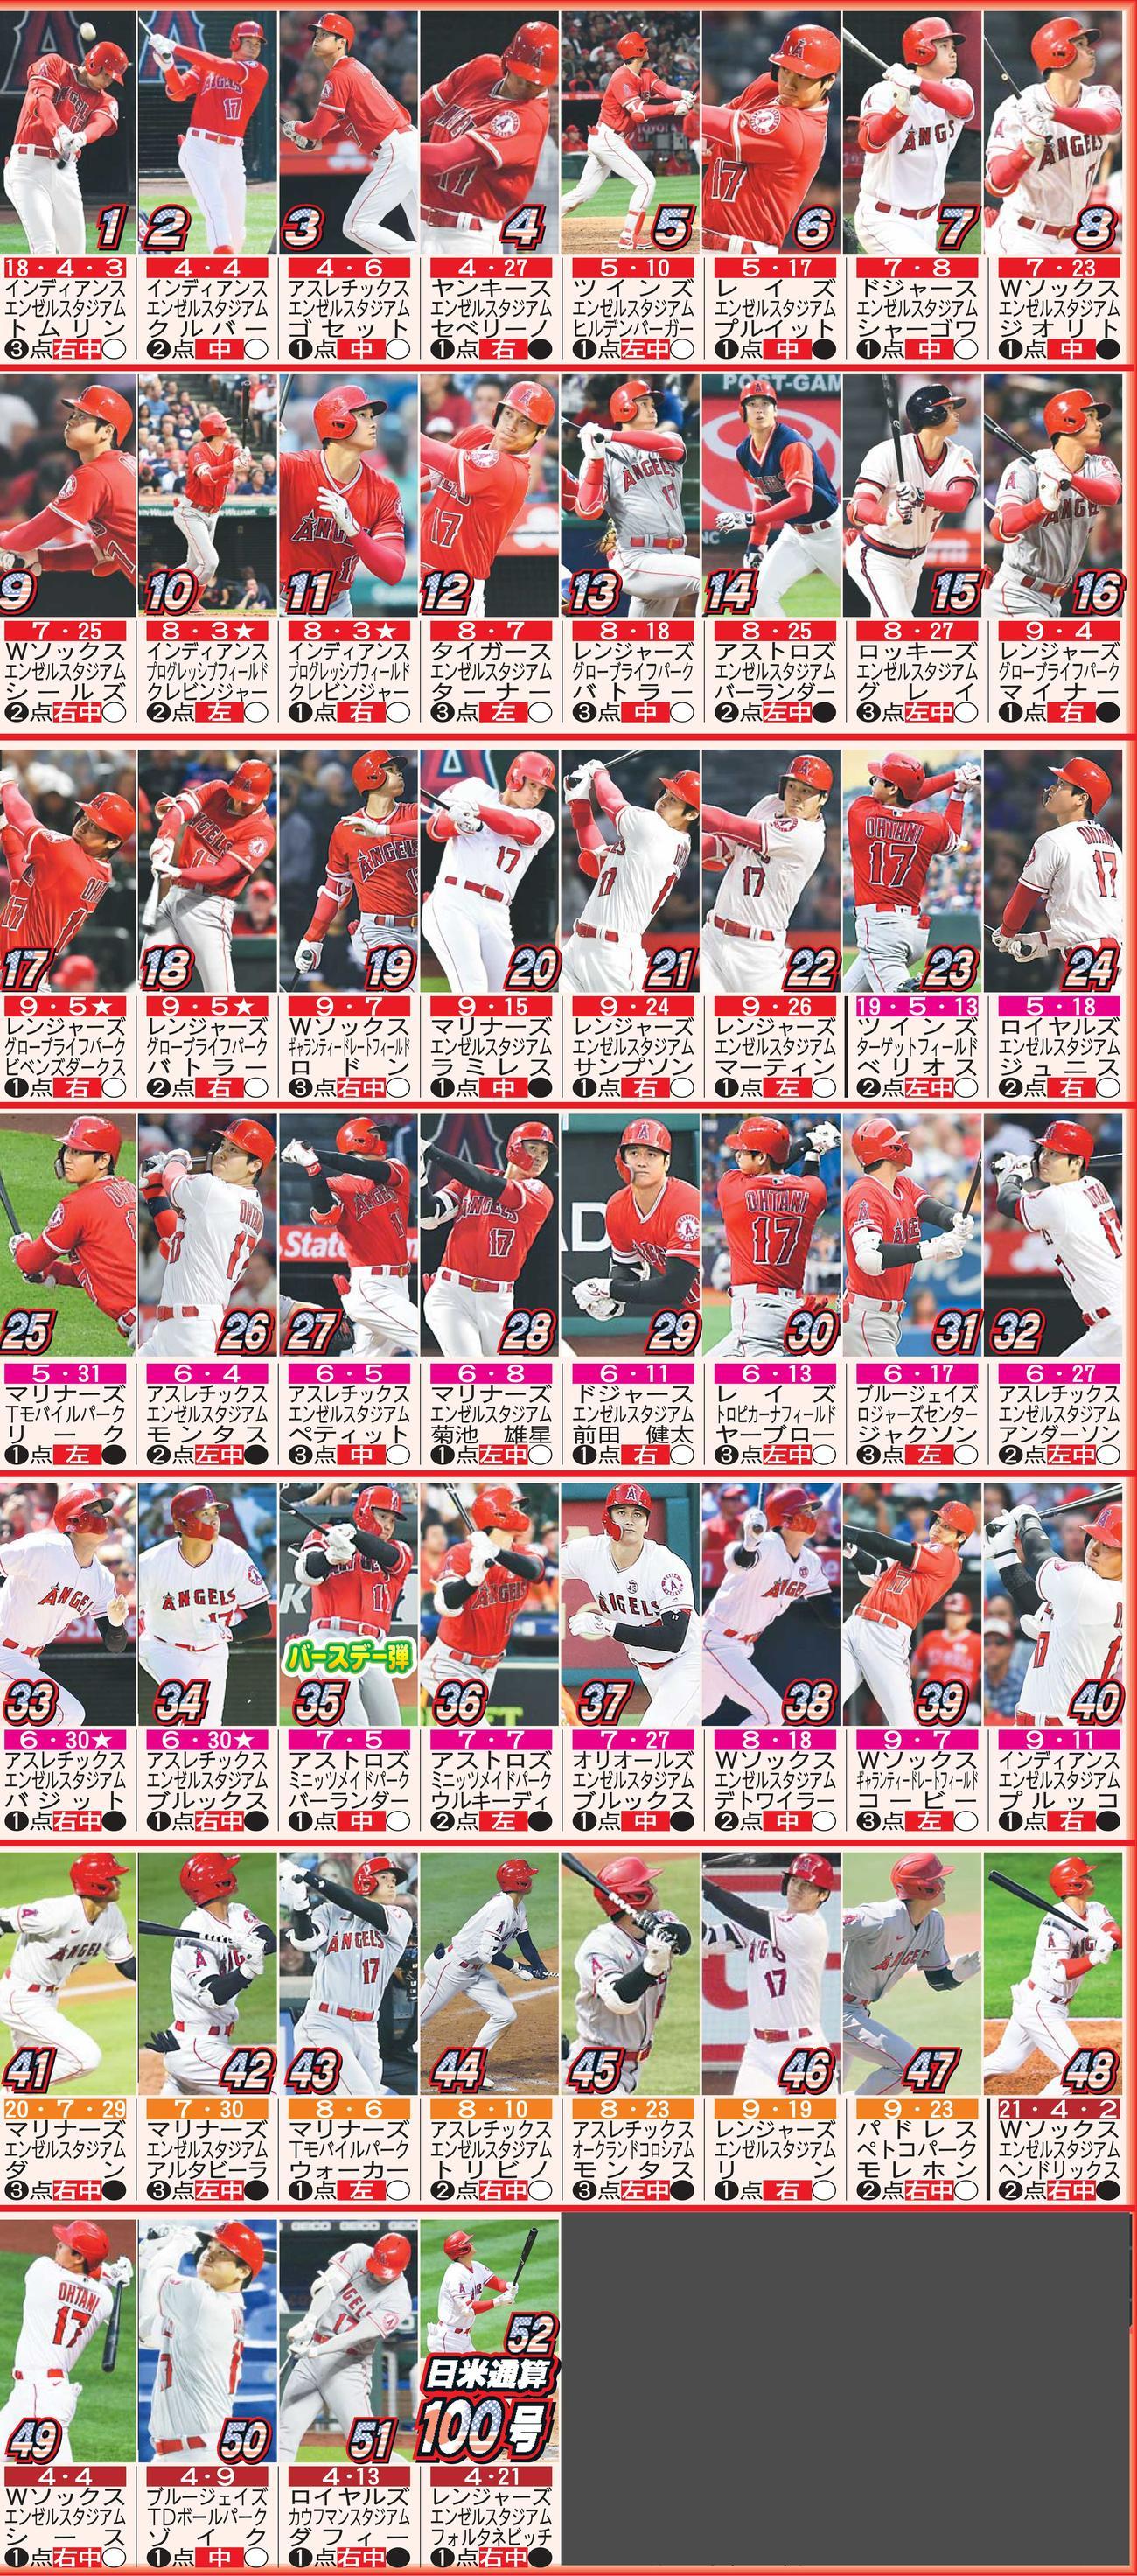 大谷翔平のMLB本塁打52本 ※上から日付(★同日2発)、対戦チーム、球場、投手、打点、方向、勝敗